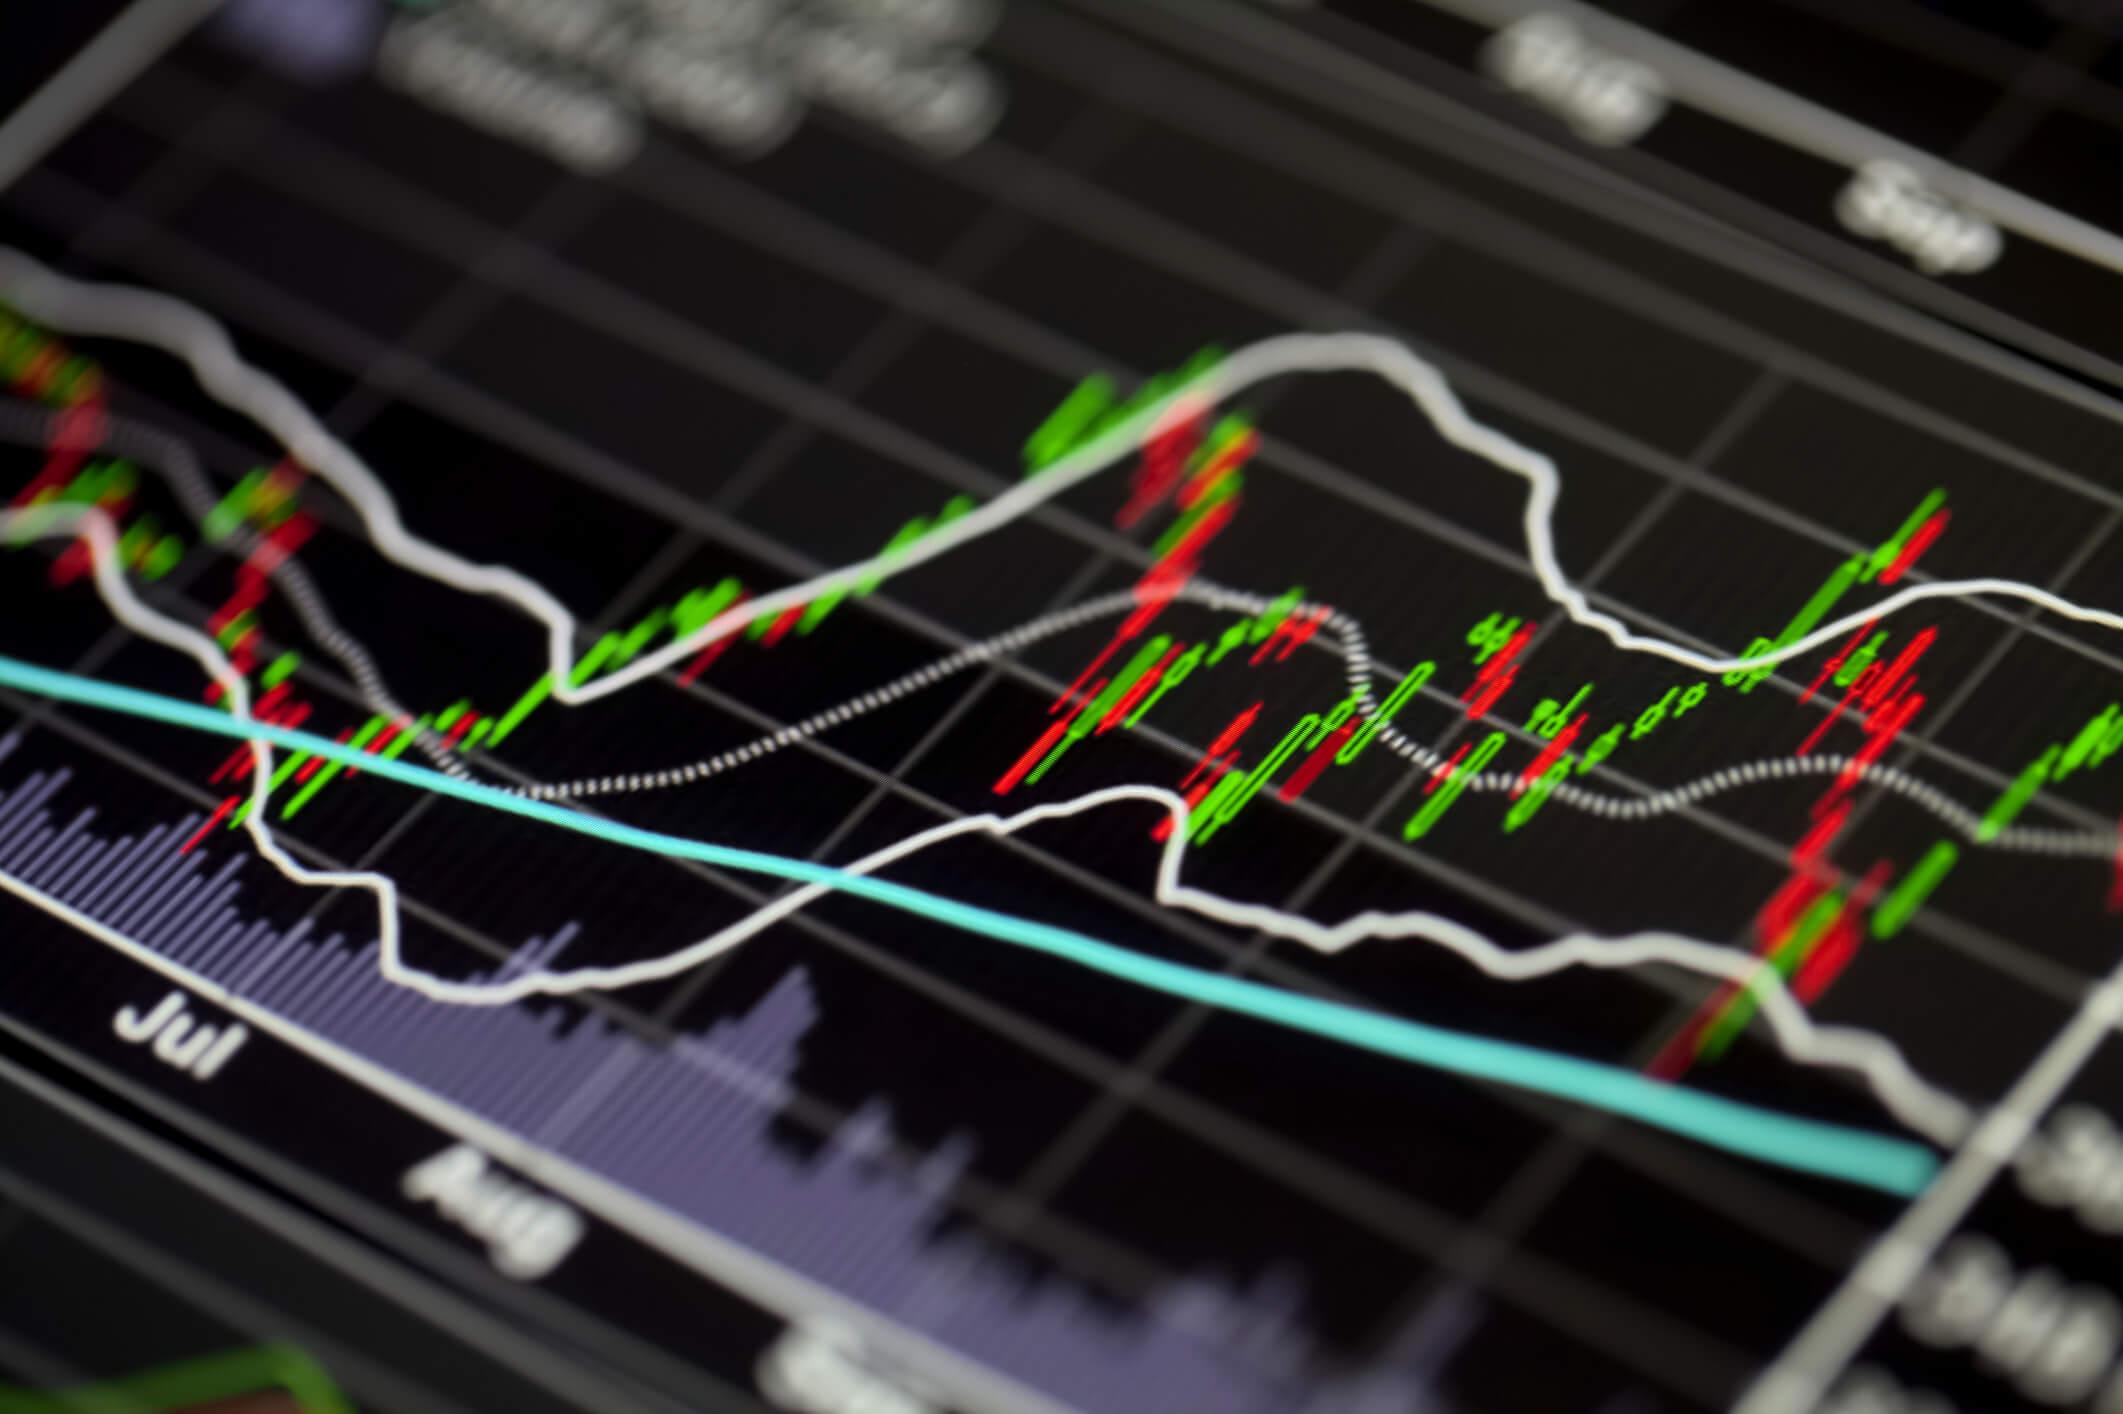 reālās peļņas tiešsaistes atsauksmes bitcoin naudas jaunumi šodien